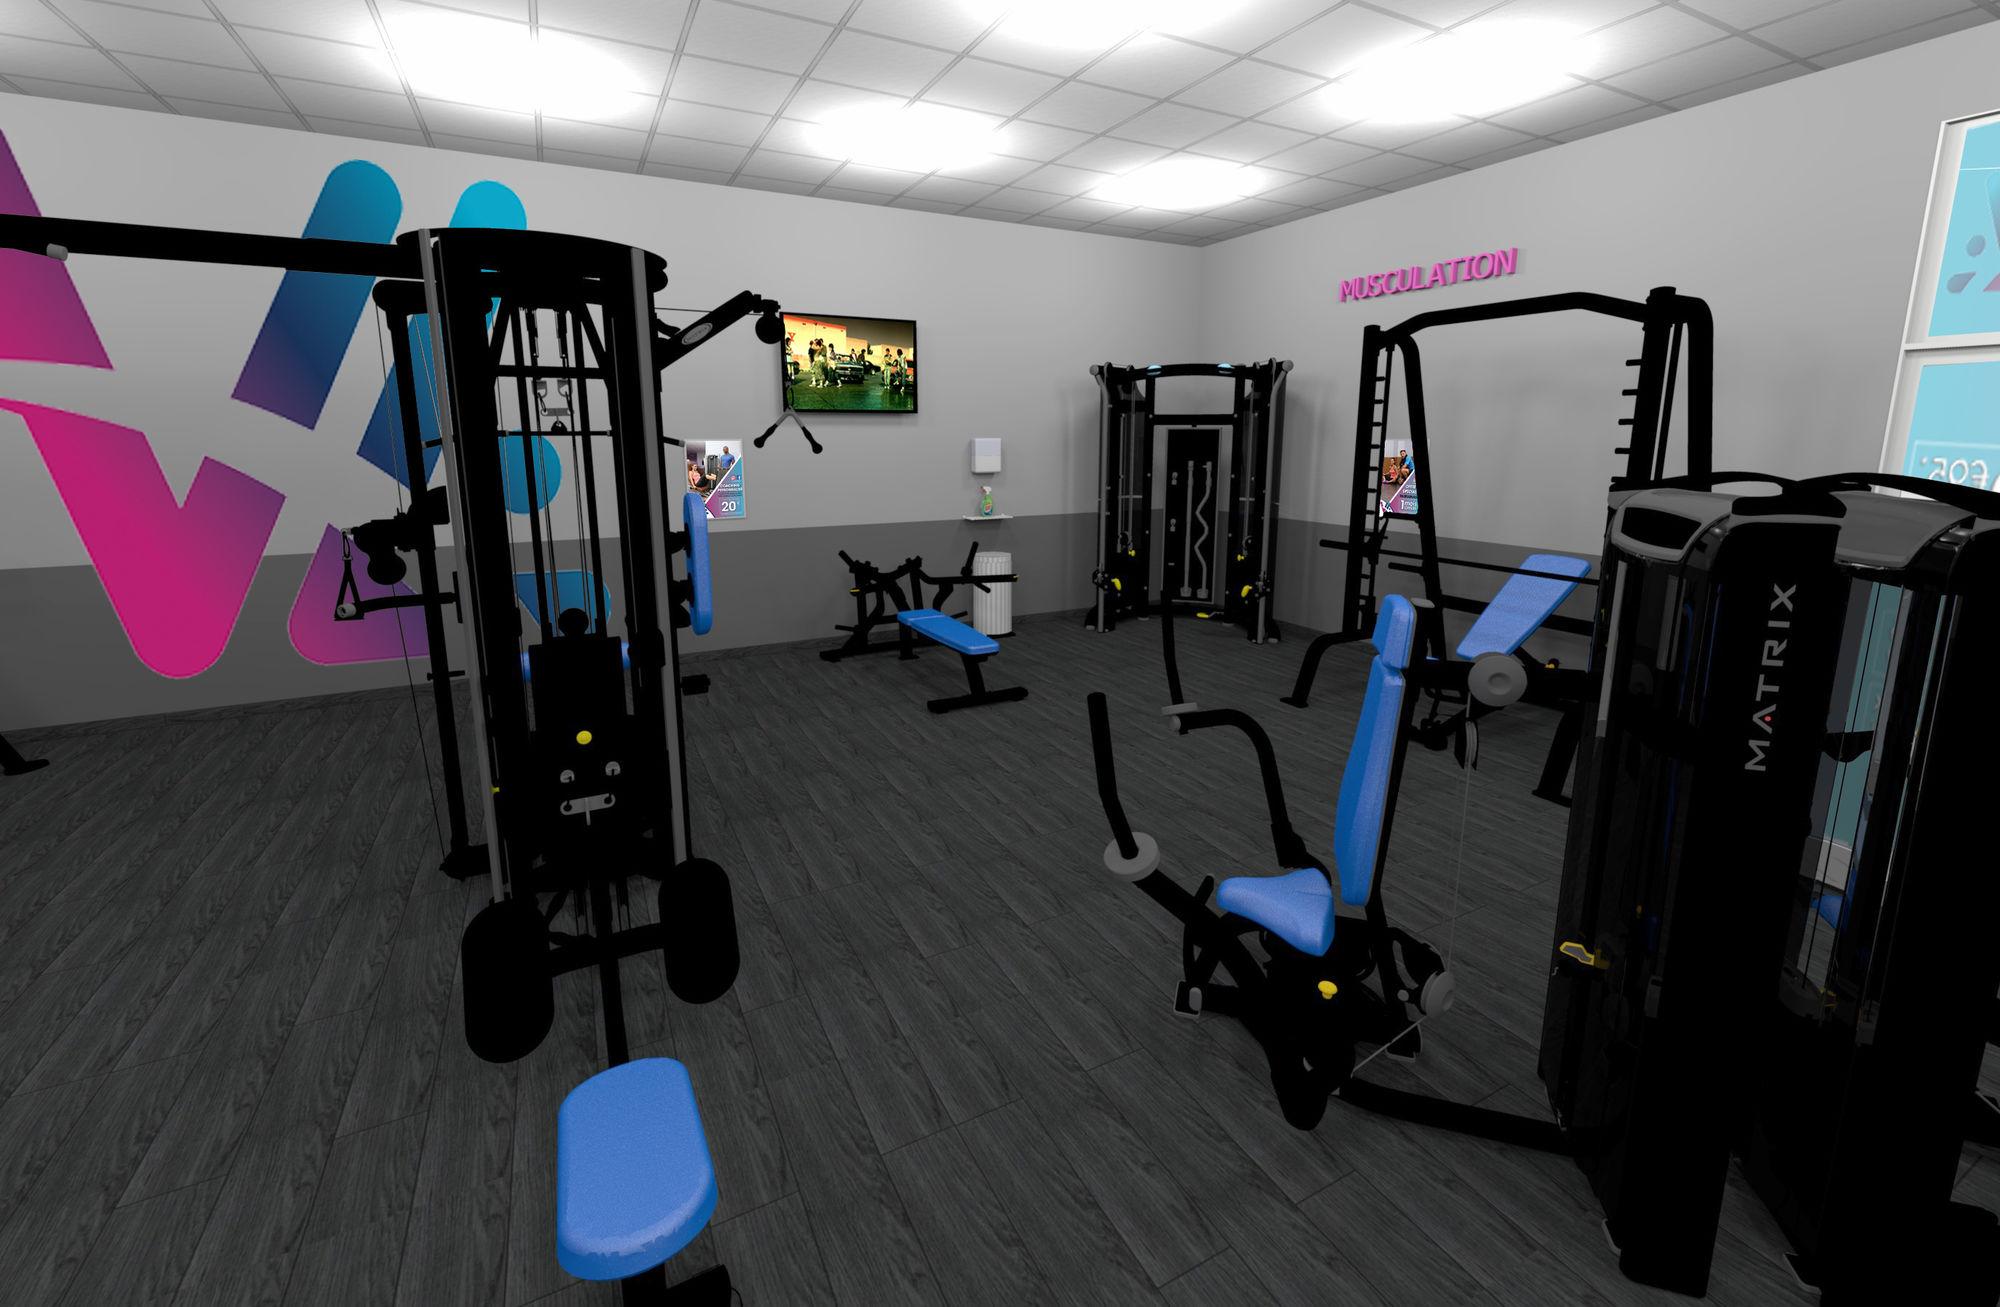 Salle de sport Vita liberté la Fare-les-Oliviers muscu